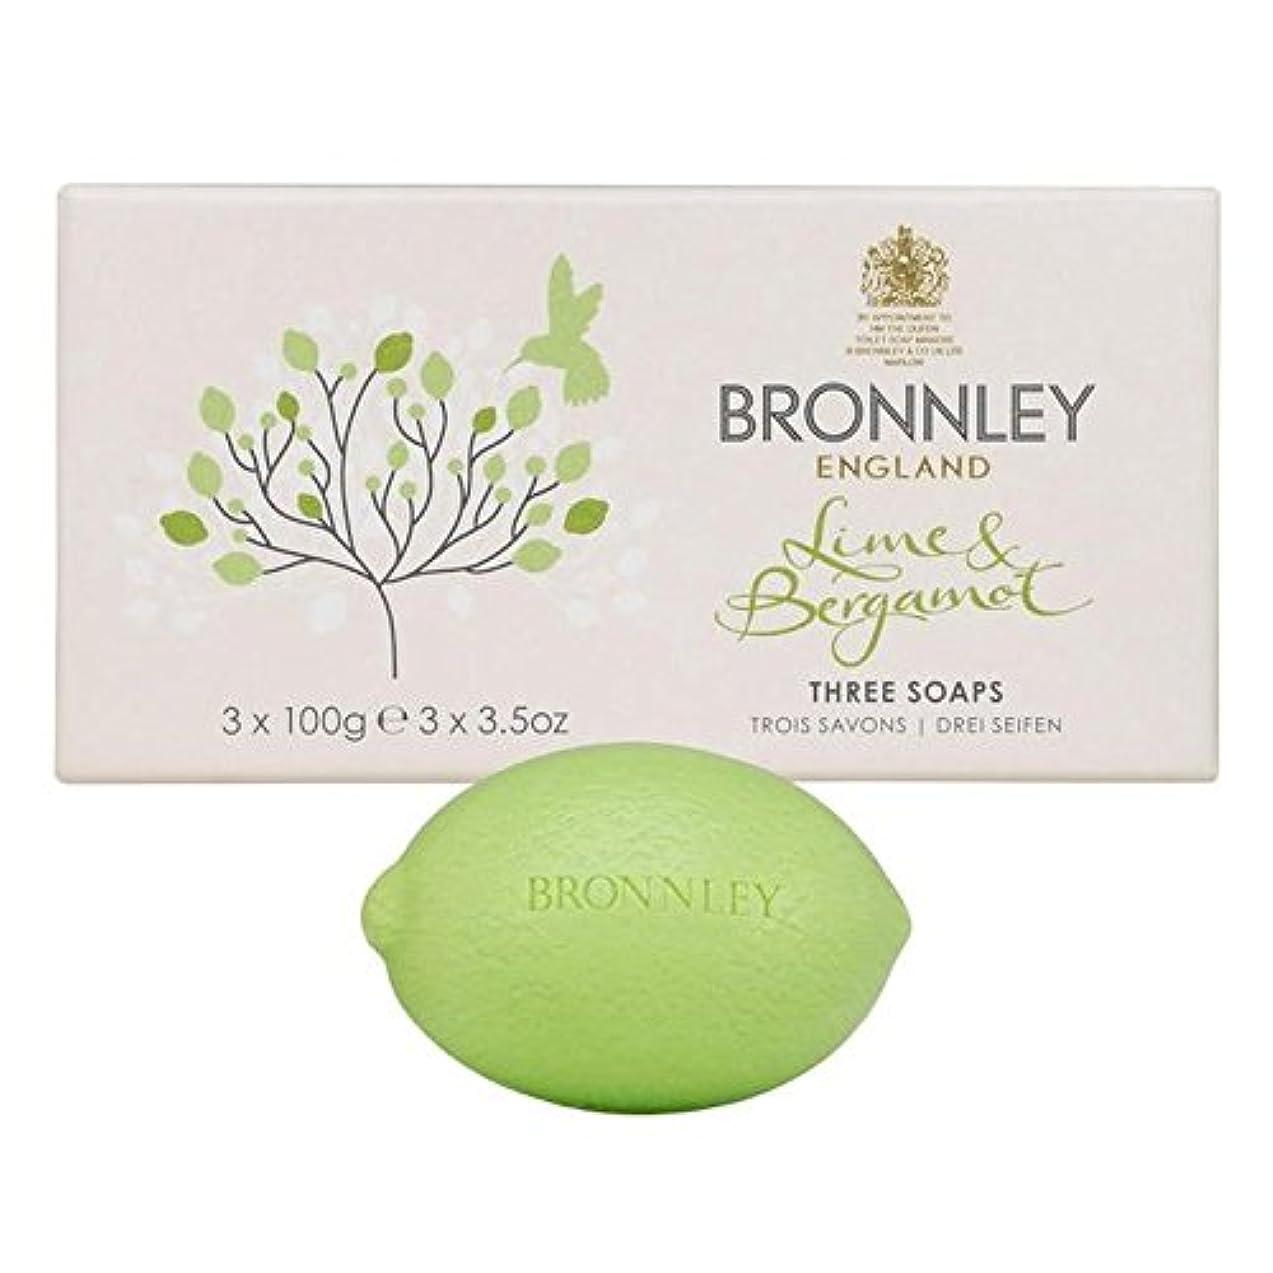 鬼ごっこ不平を言う地震Bronnley Lime & Bergamot Soap 3 x 100g - ライム&ベルガモット石鹸3×100グラム [並行輸入品]